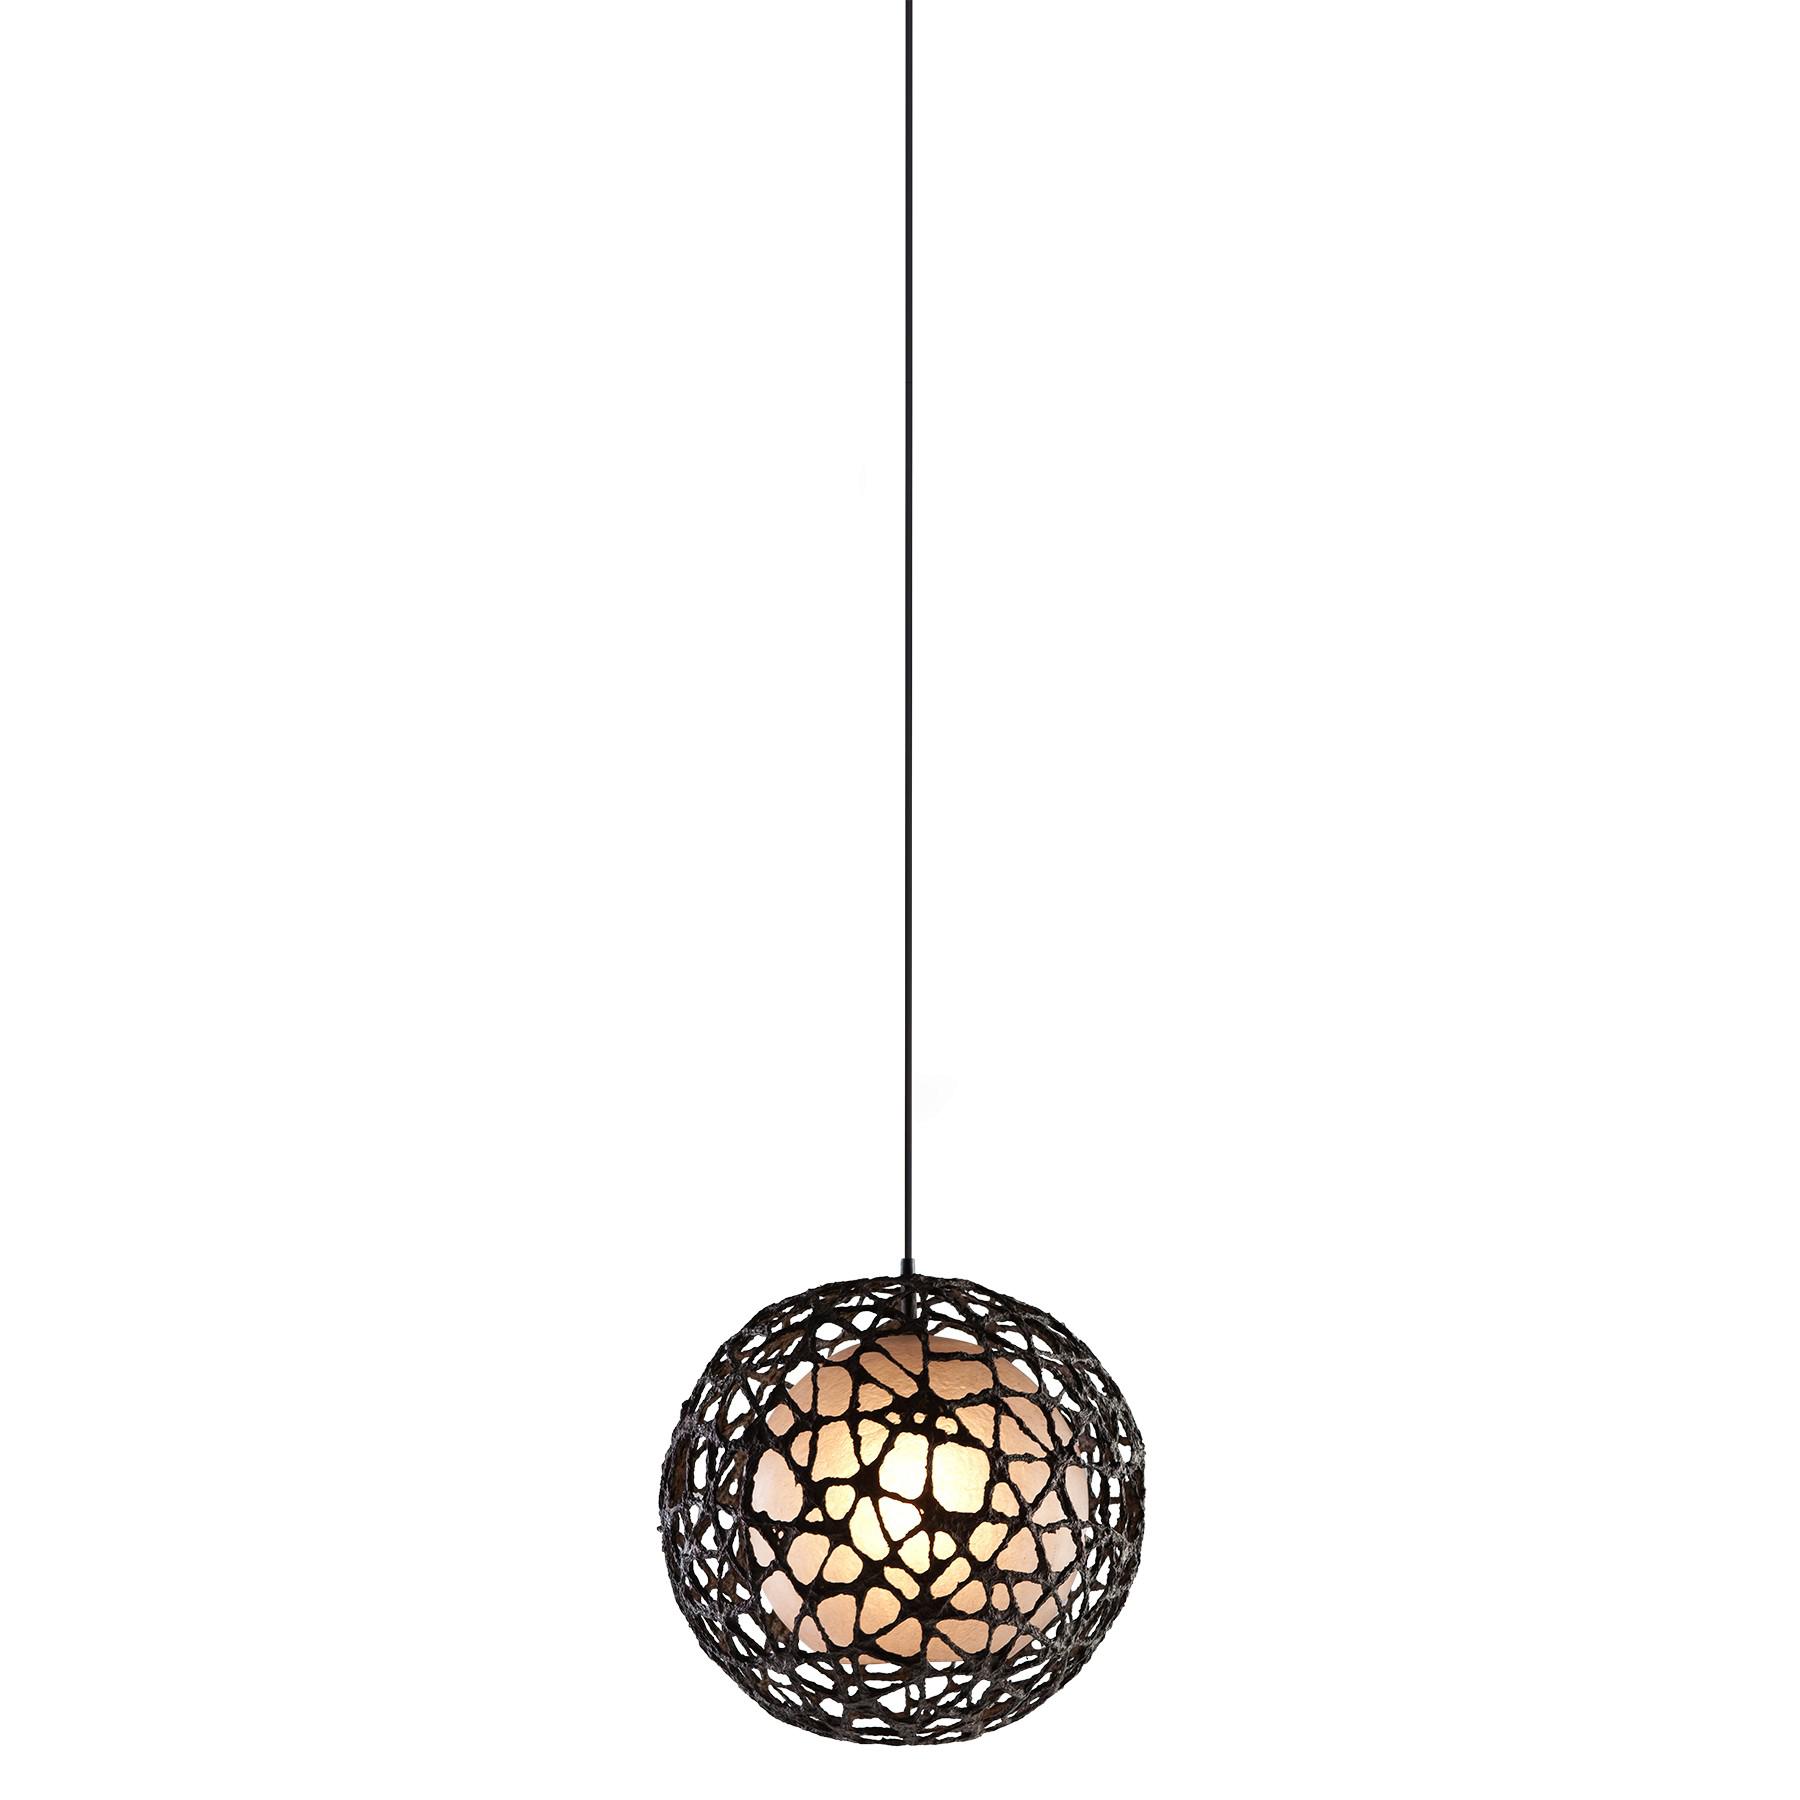 Hanging lights clipart transparent clip art Hanging Light PNG Images Transparent Free Download | PNGMart.com clip art